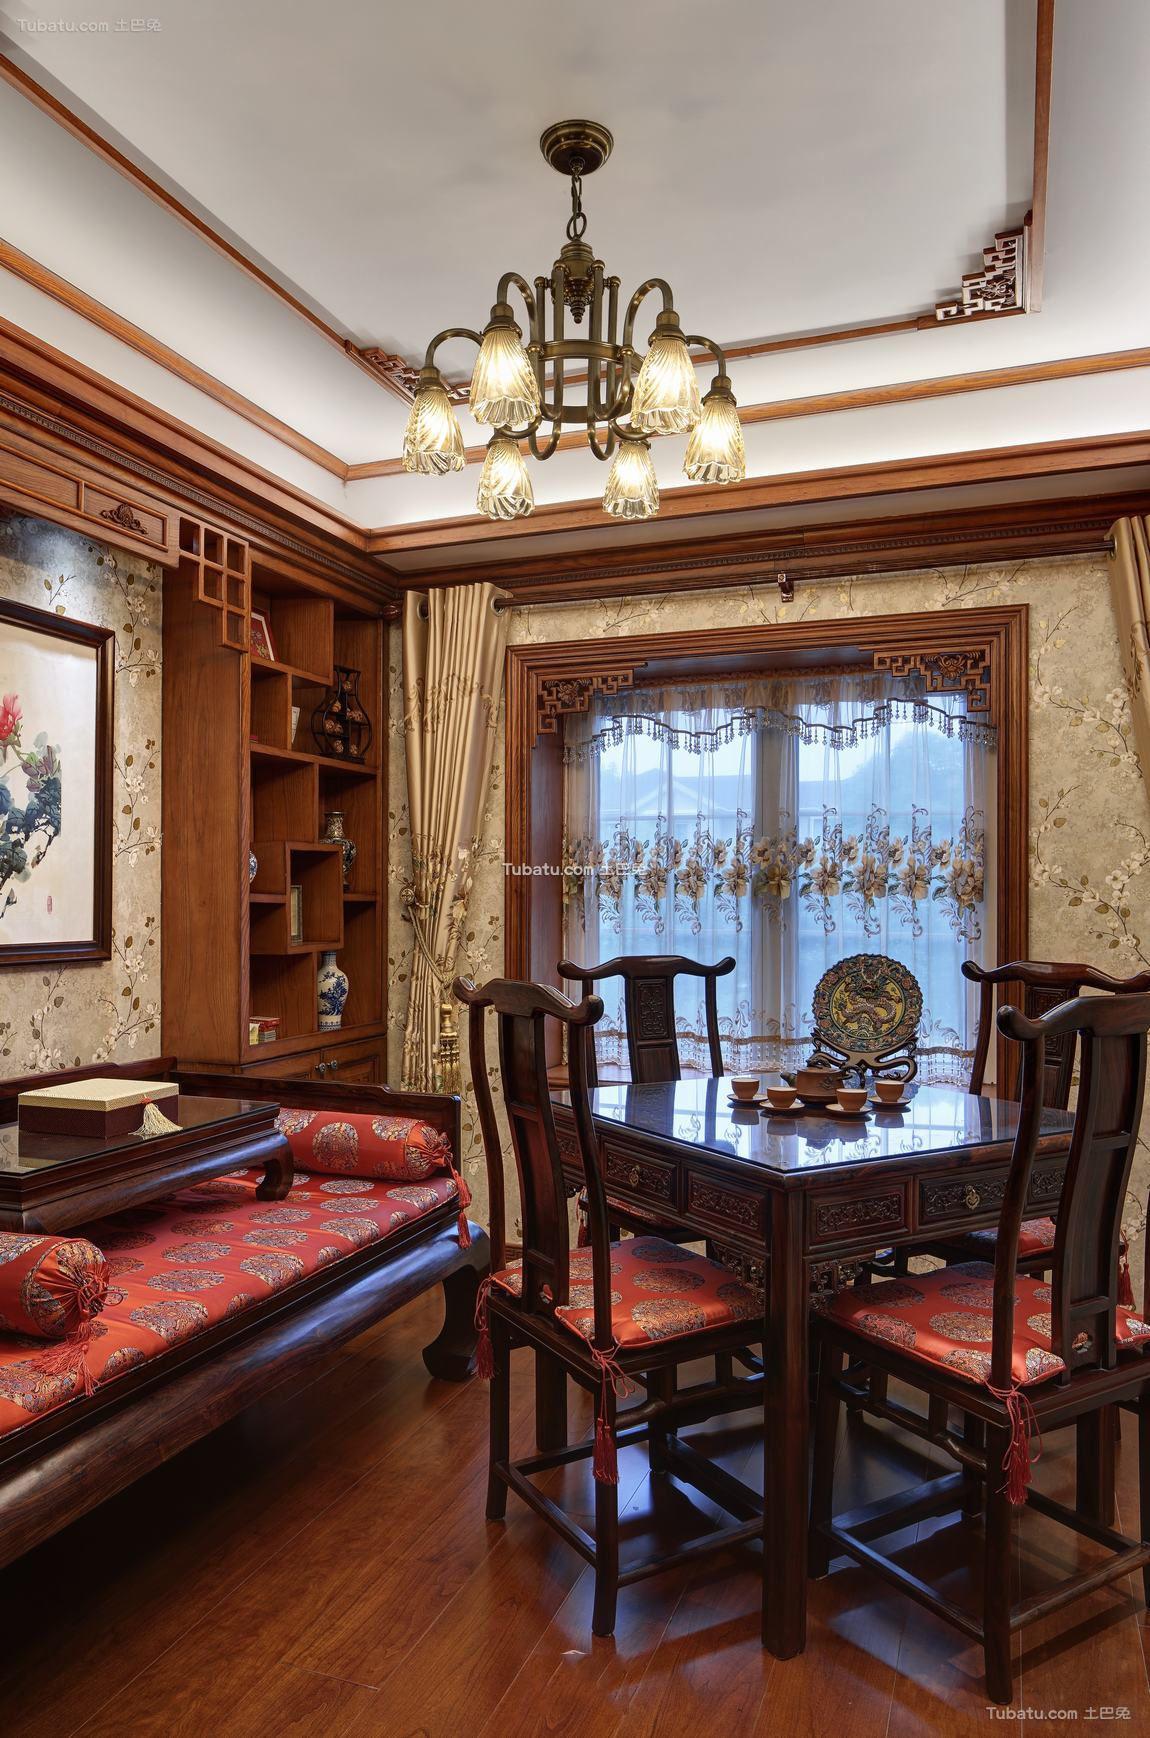 豪华复古美式别墅餐厅效果图